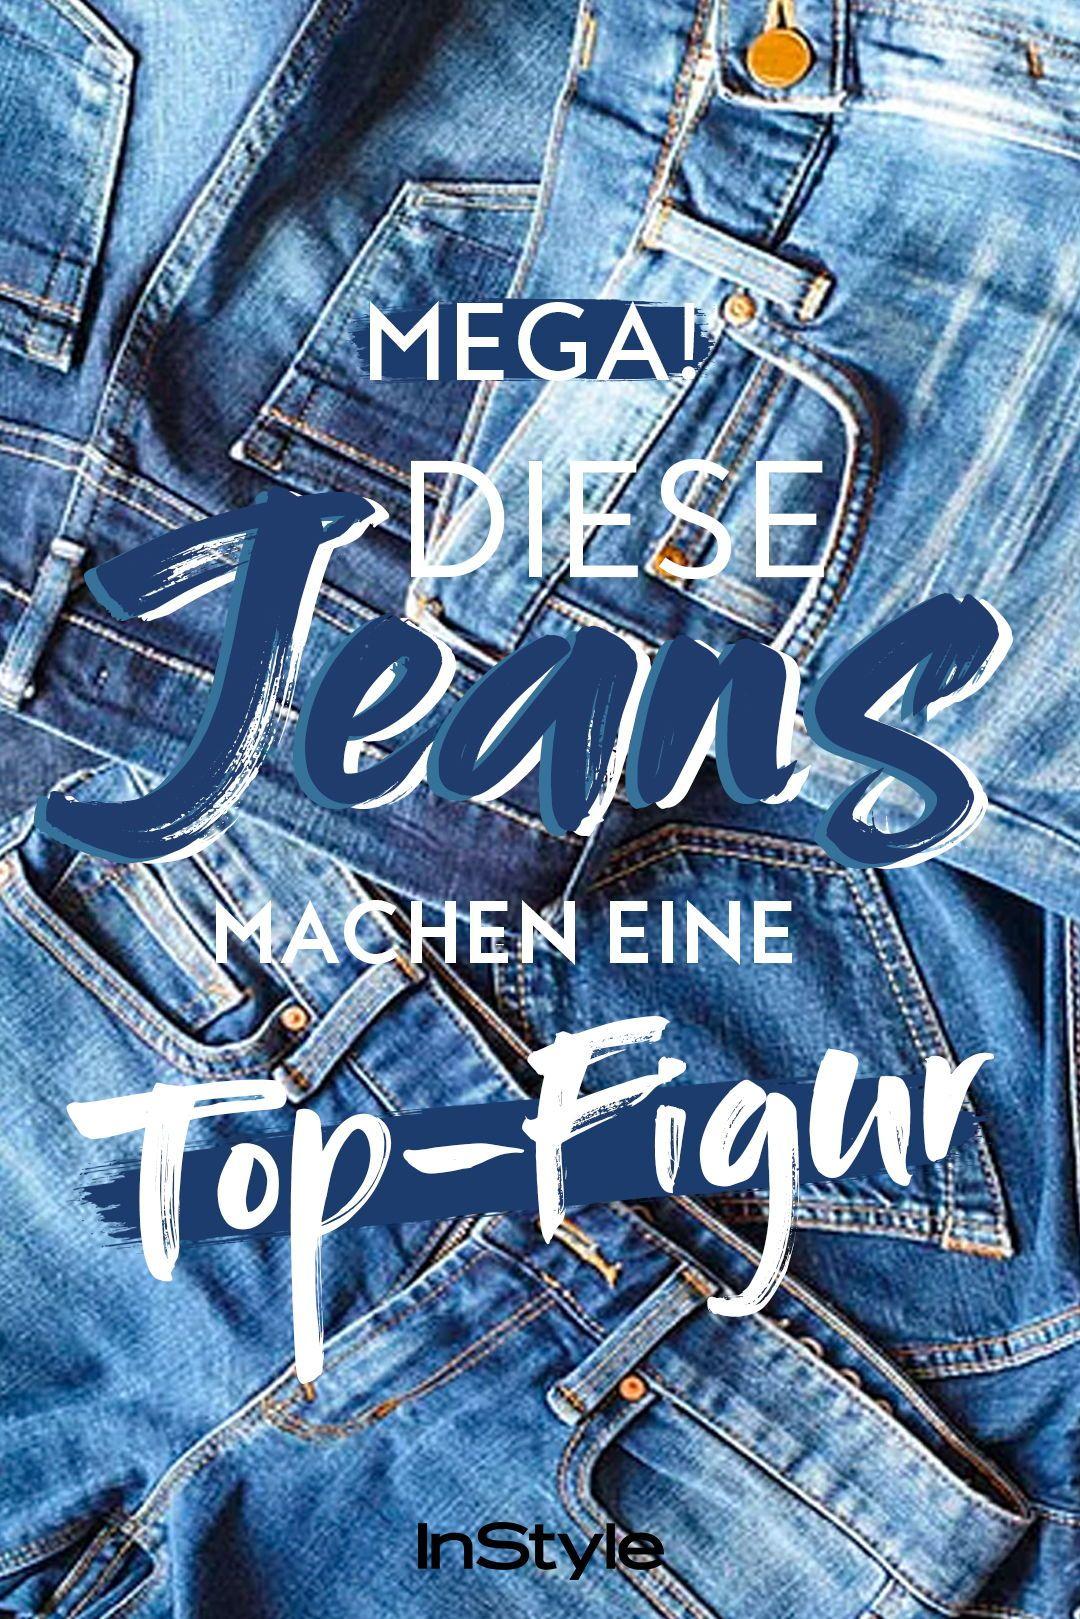 Jackpot! Eine Jeans, die dir deine Wunsch Figur beschert